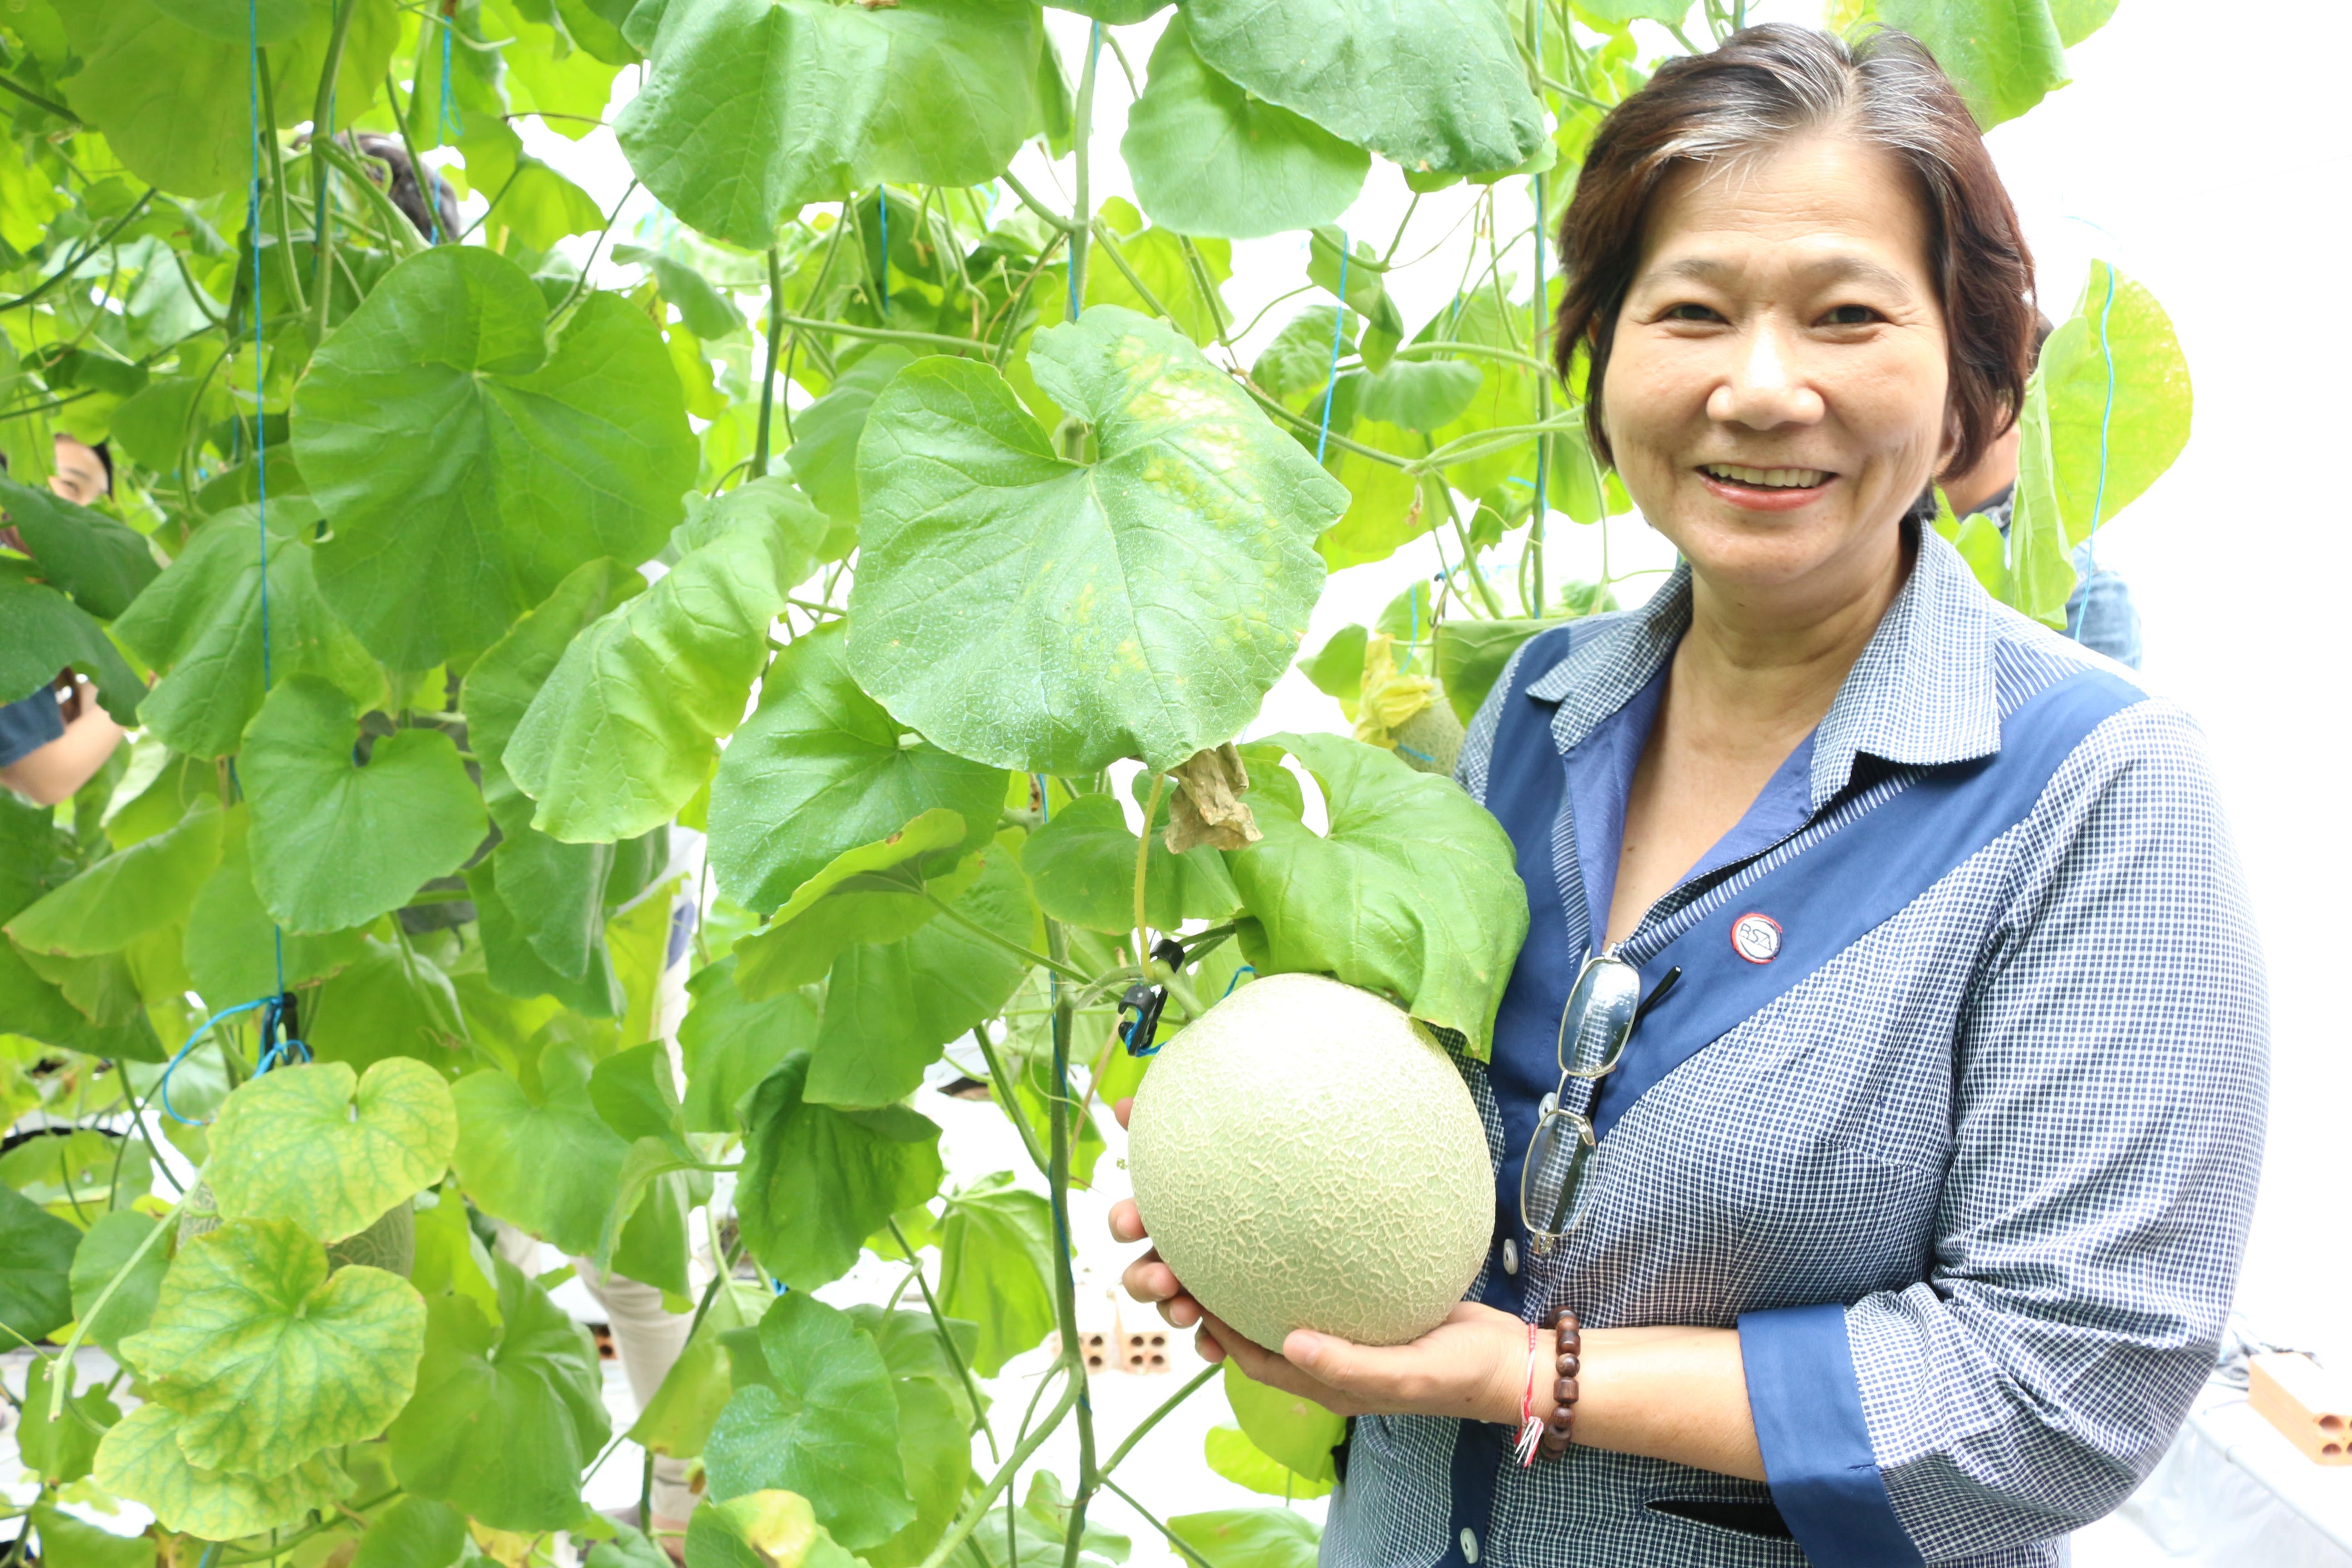 """Bà Vũ Kim Anh, thành viên Ban tổ chức cuộc thi """"Dự án khởi nghiệp sáng tạo thanh niên nông thôn năm 2019"""", PGĐ trung tâm BSA."""